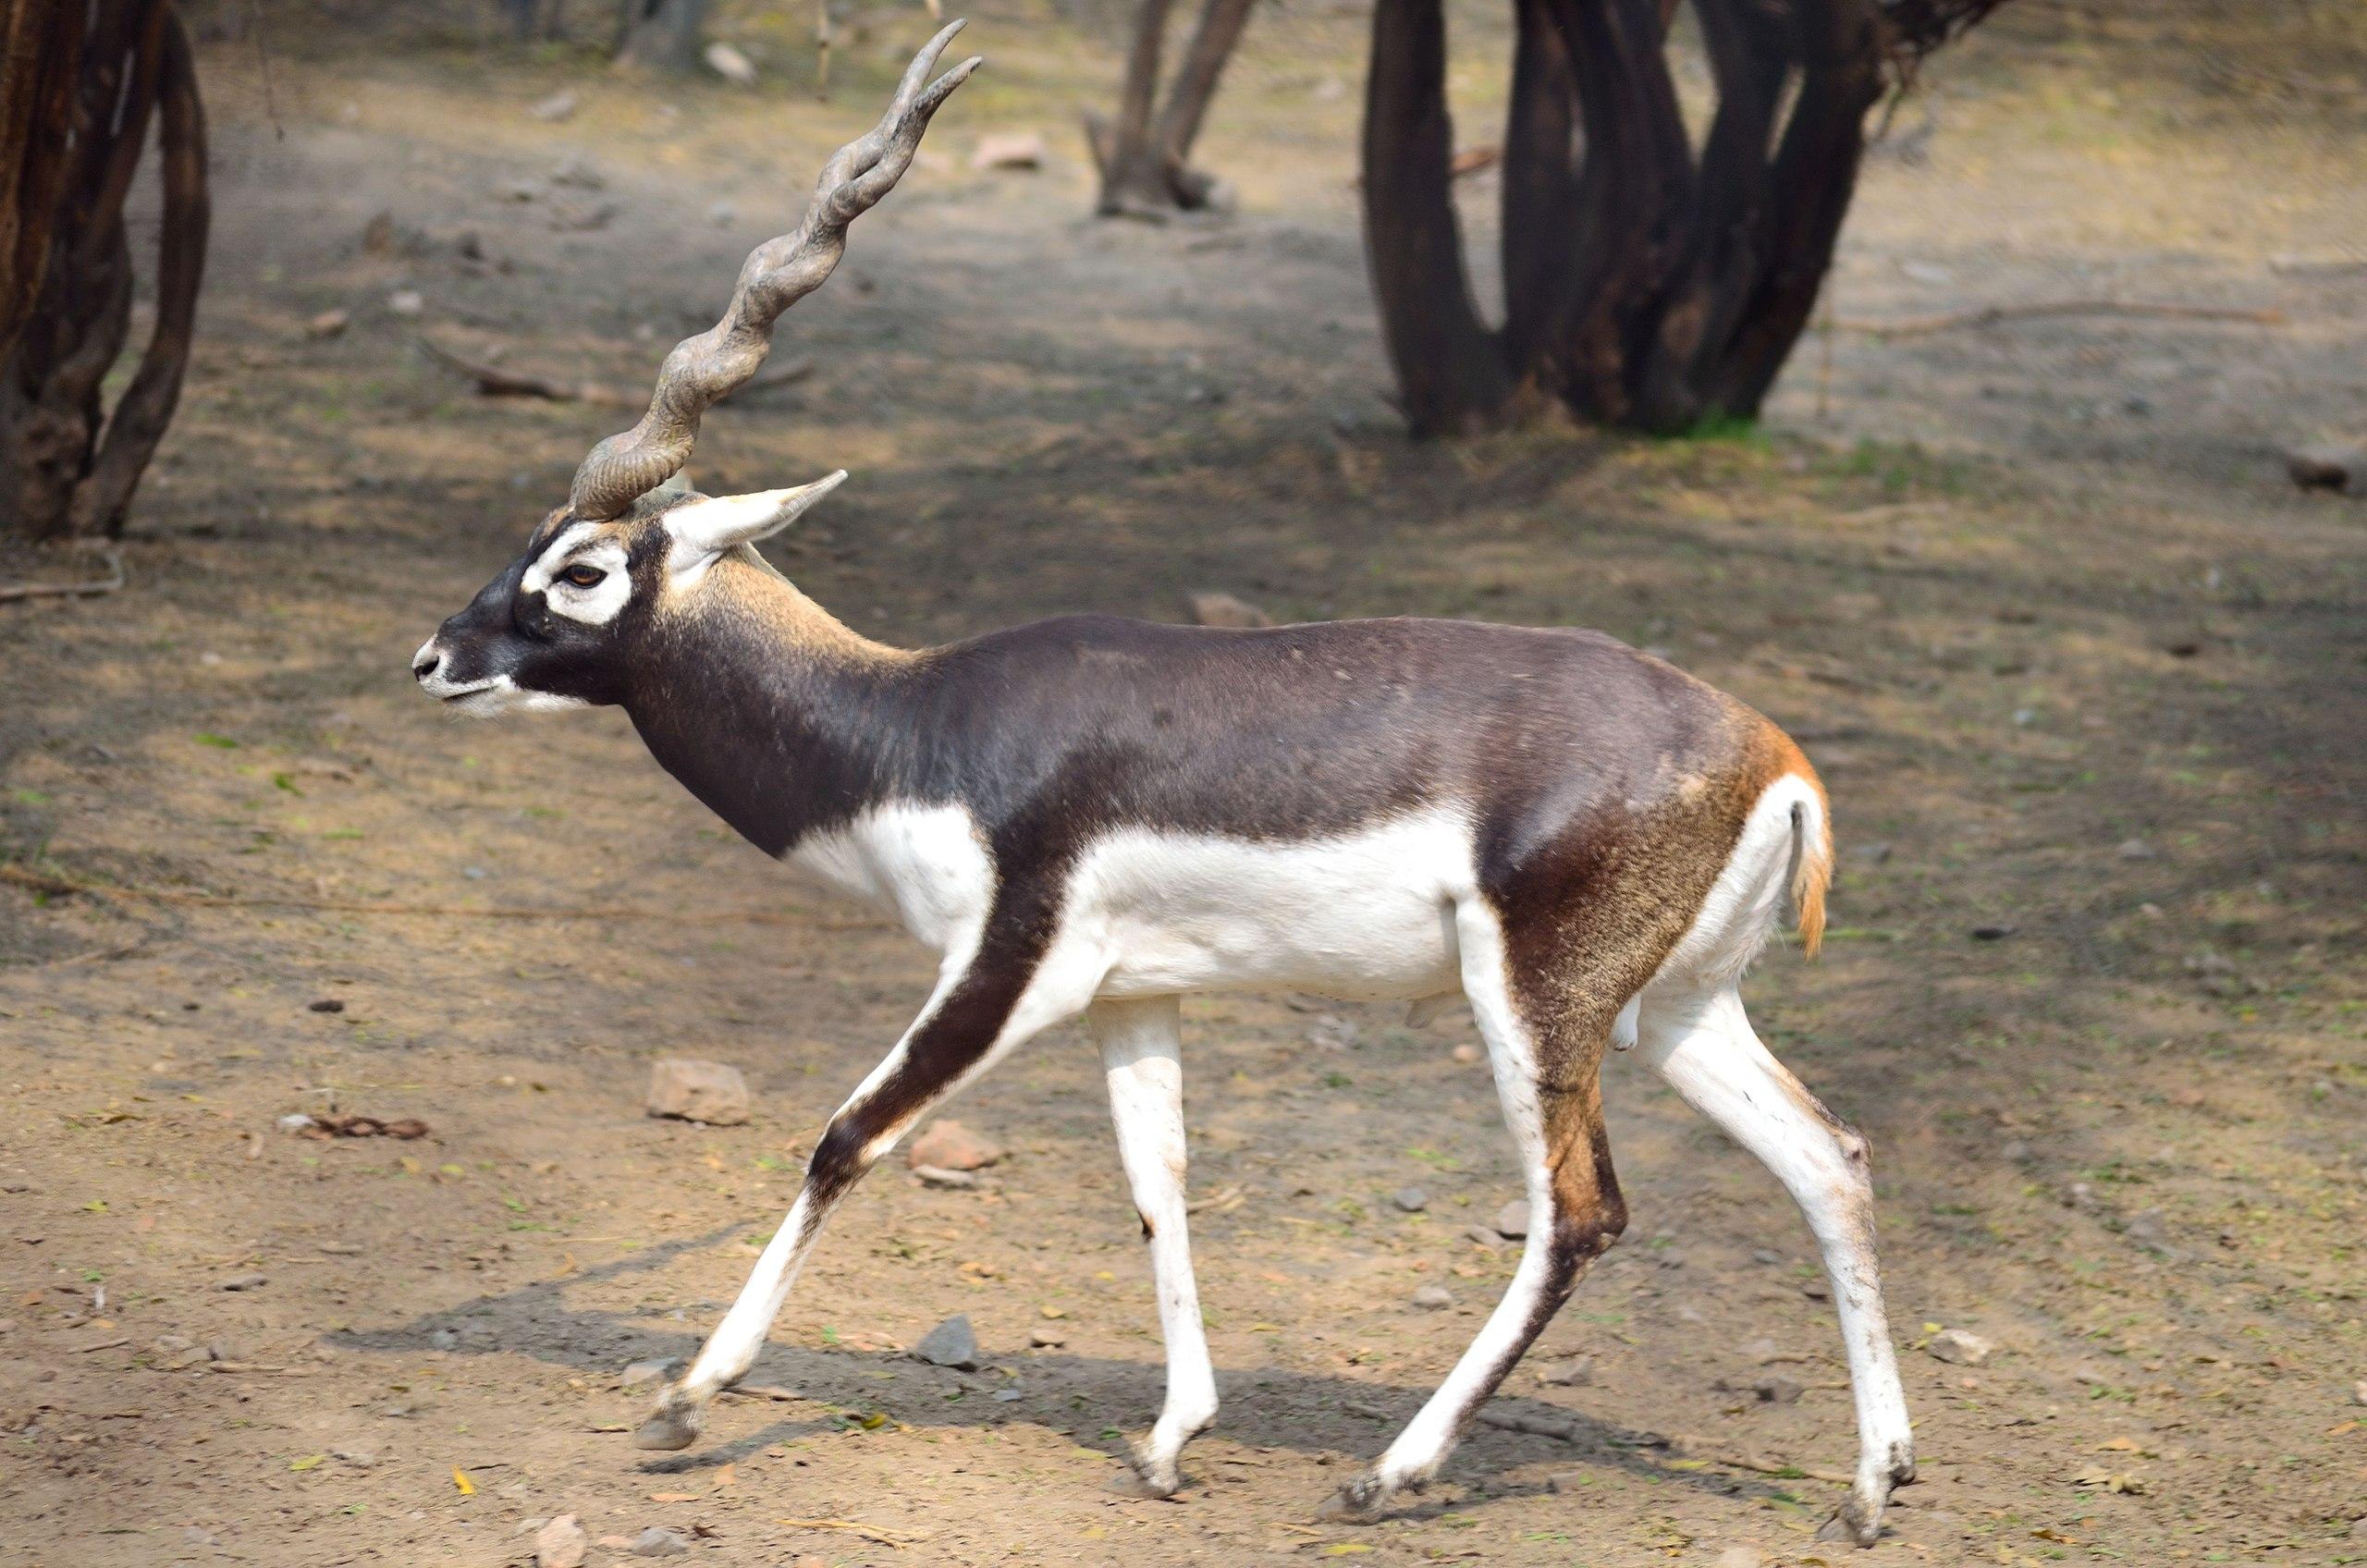 Adult male blackbuck (Antilope cervicapra)